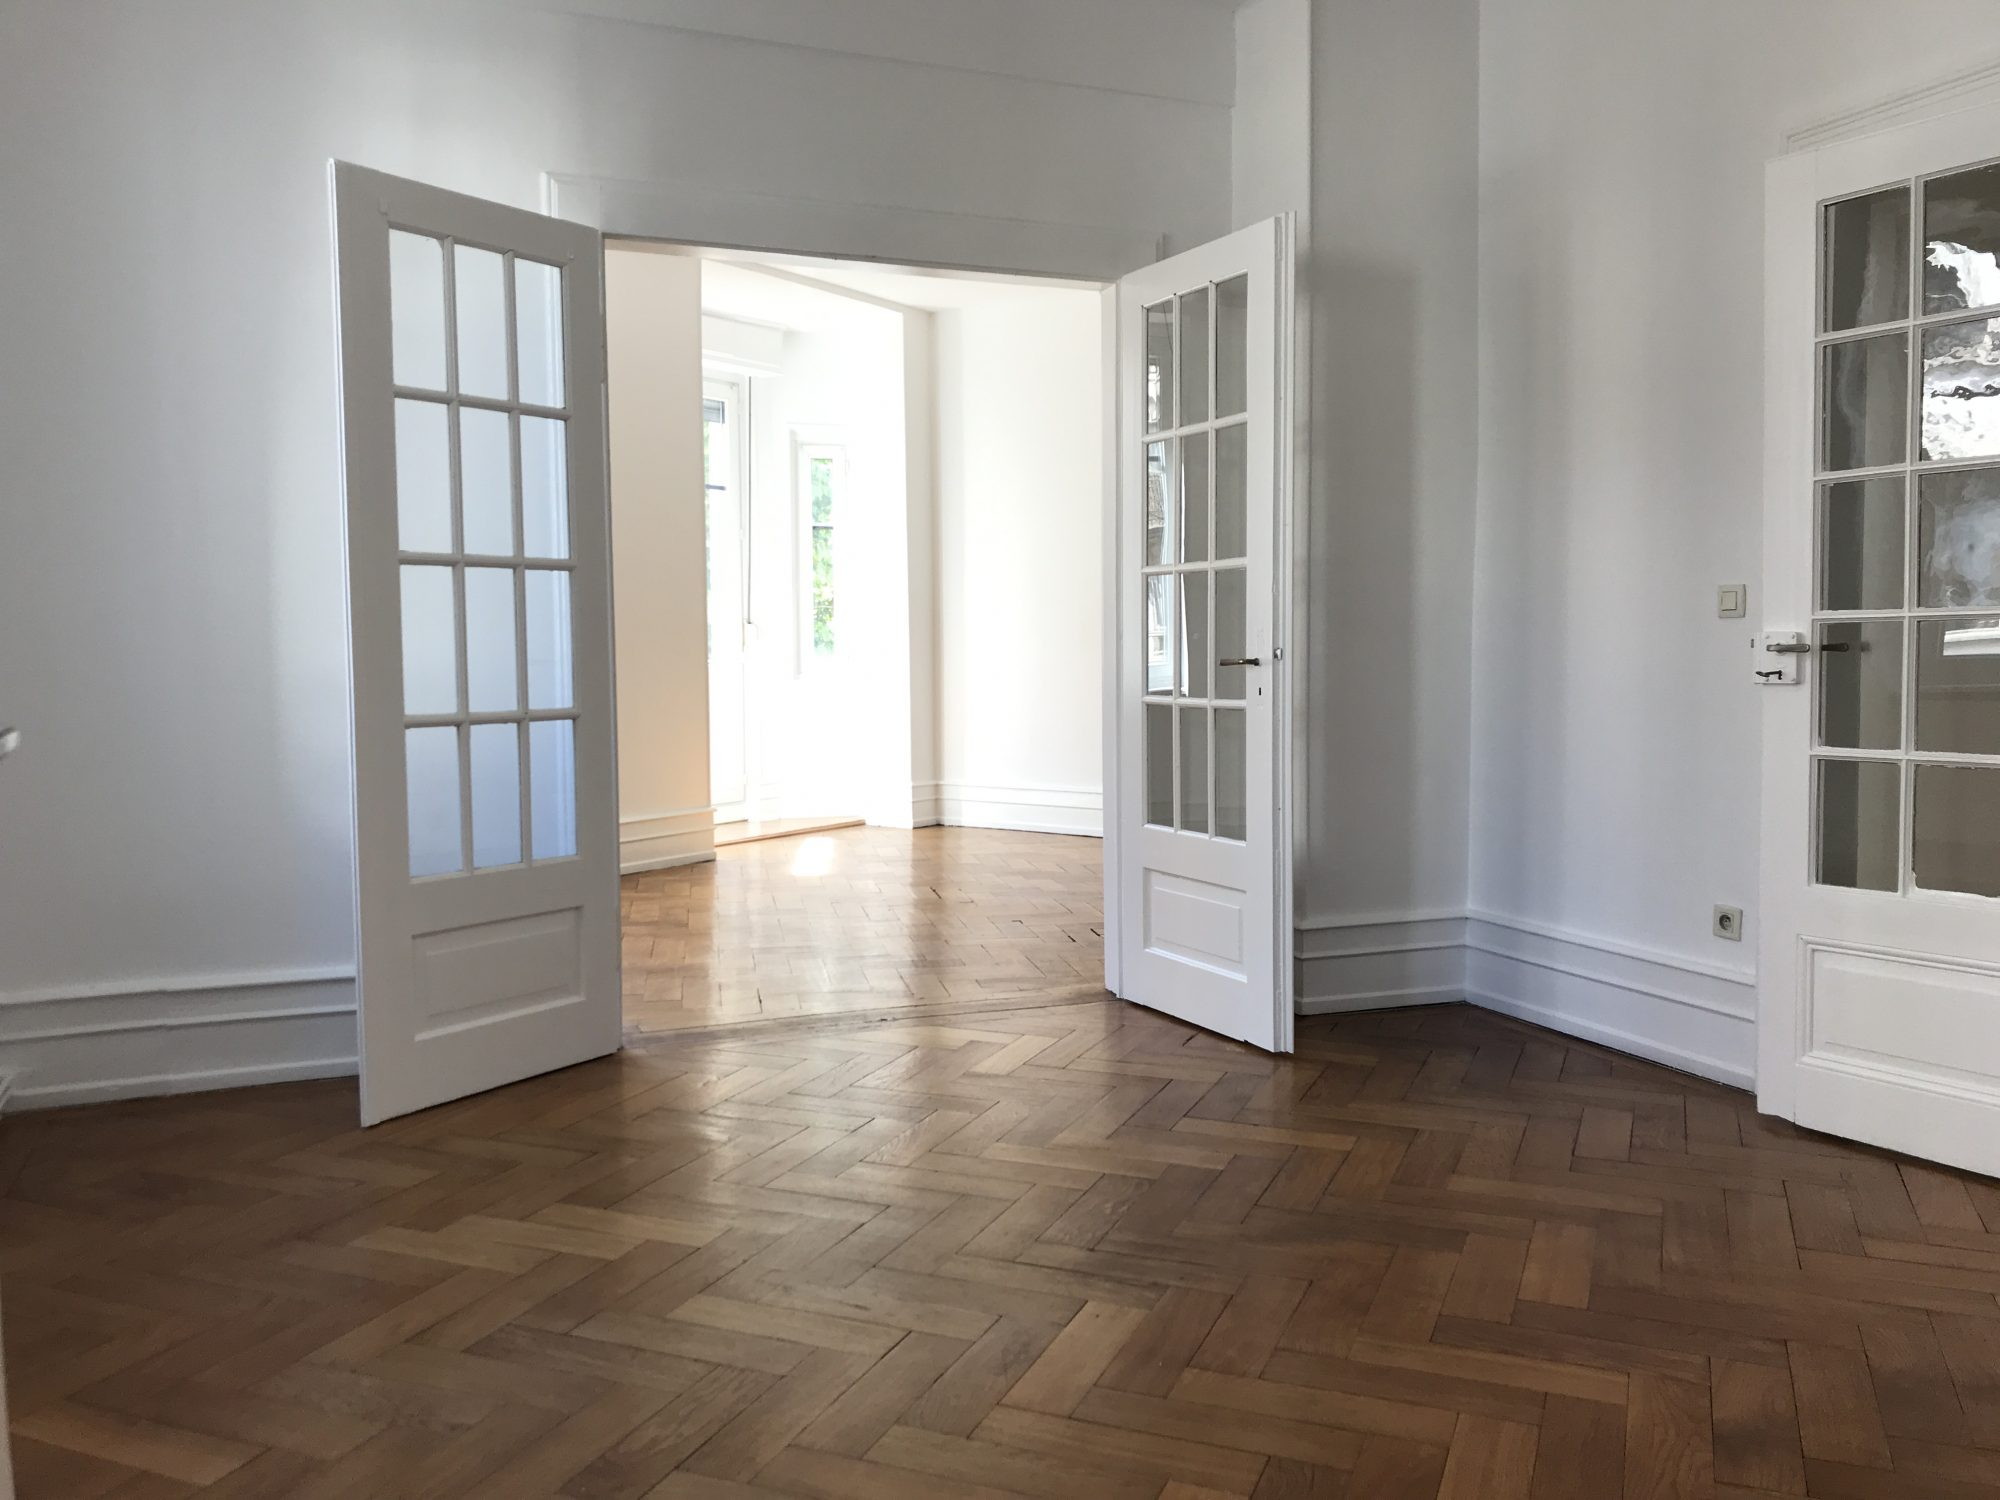 3 pièces musée d'art moderne - Devenez locataire en toute sérénité - Bintz Immobilier - 1